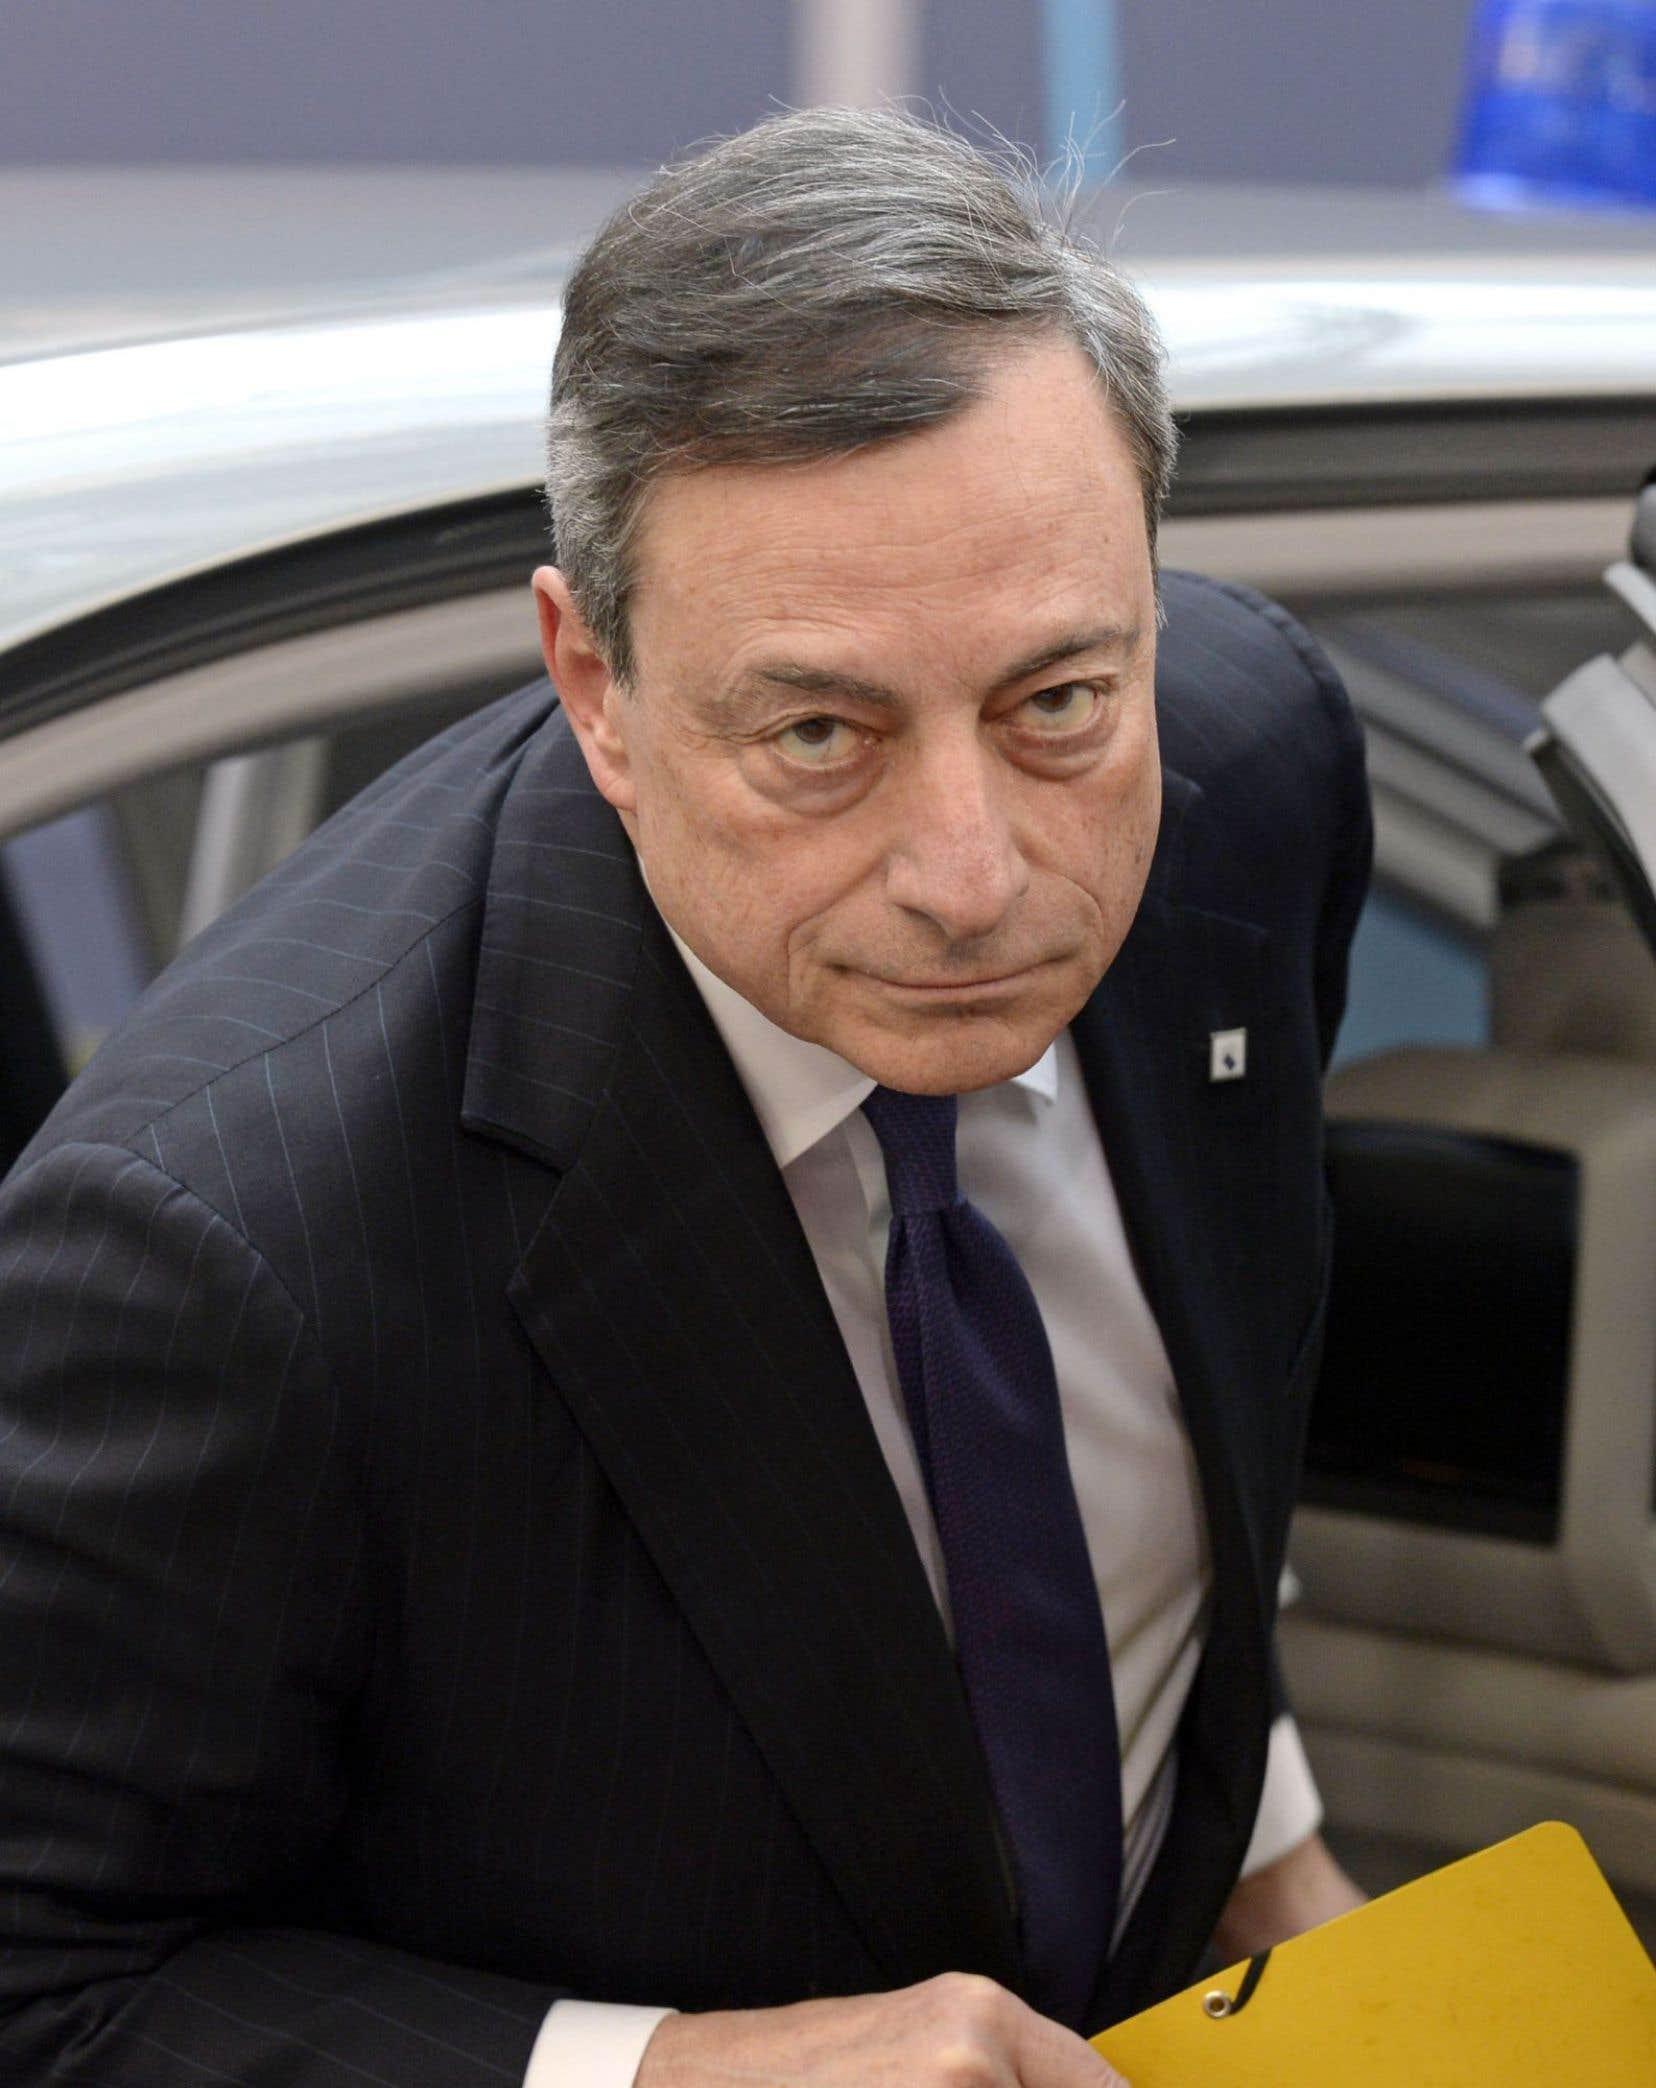 Mario Draghi: «Nous avons pour mandat de chercher à atteindre la stabilité des prix pour toute la zone euro, pas seulement pour l'Allemagne.»